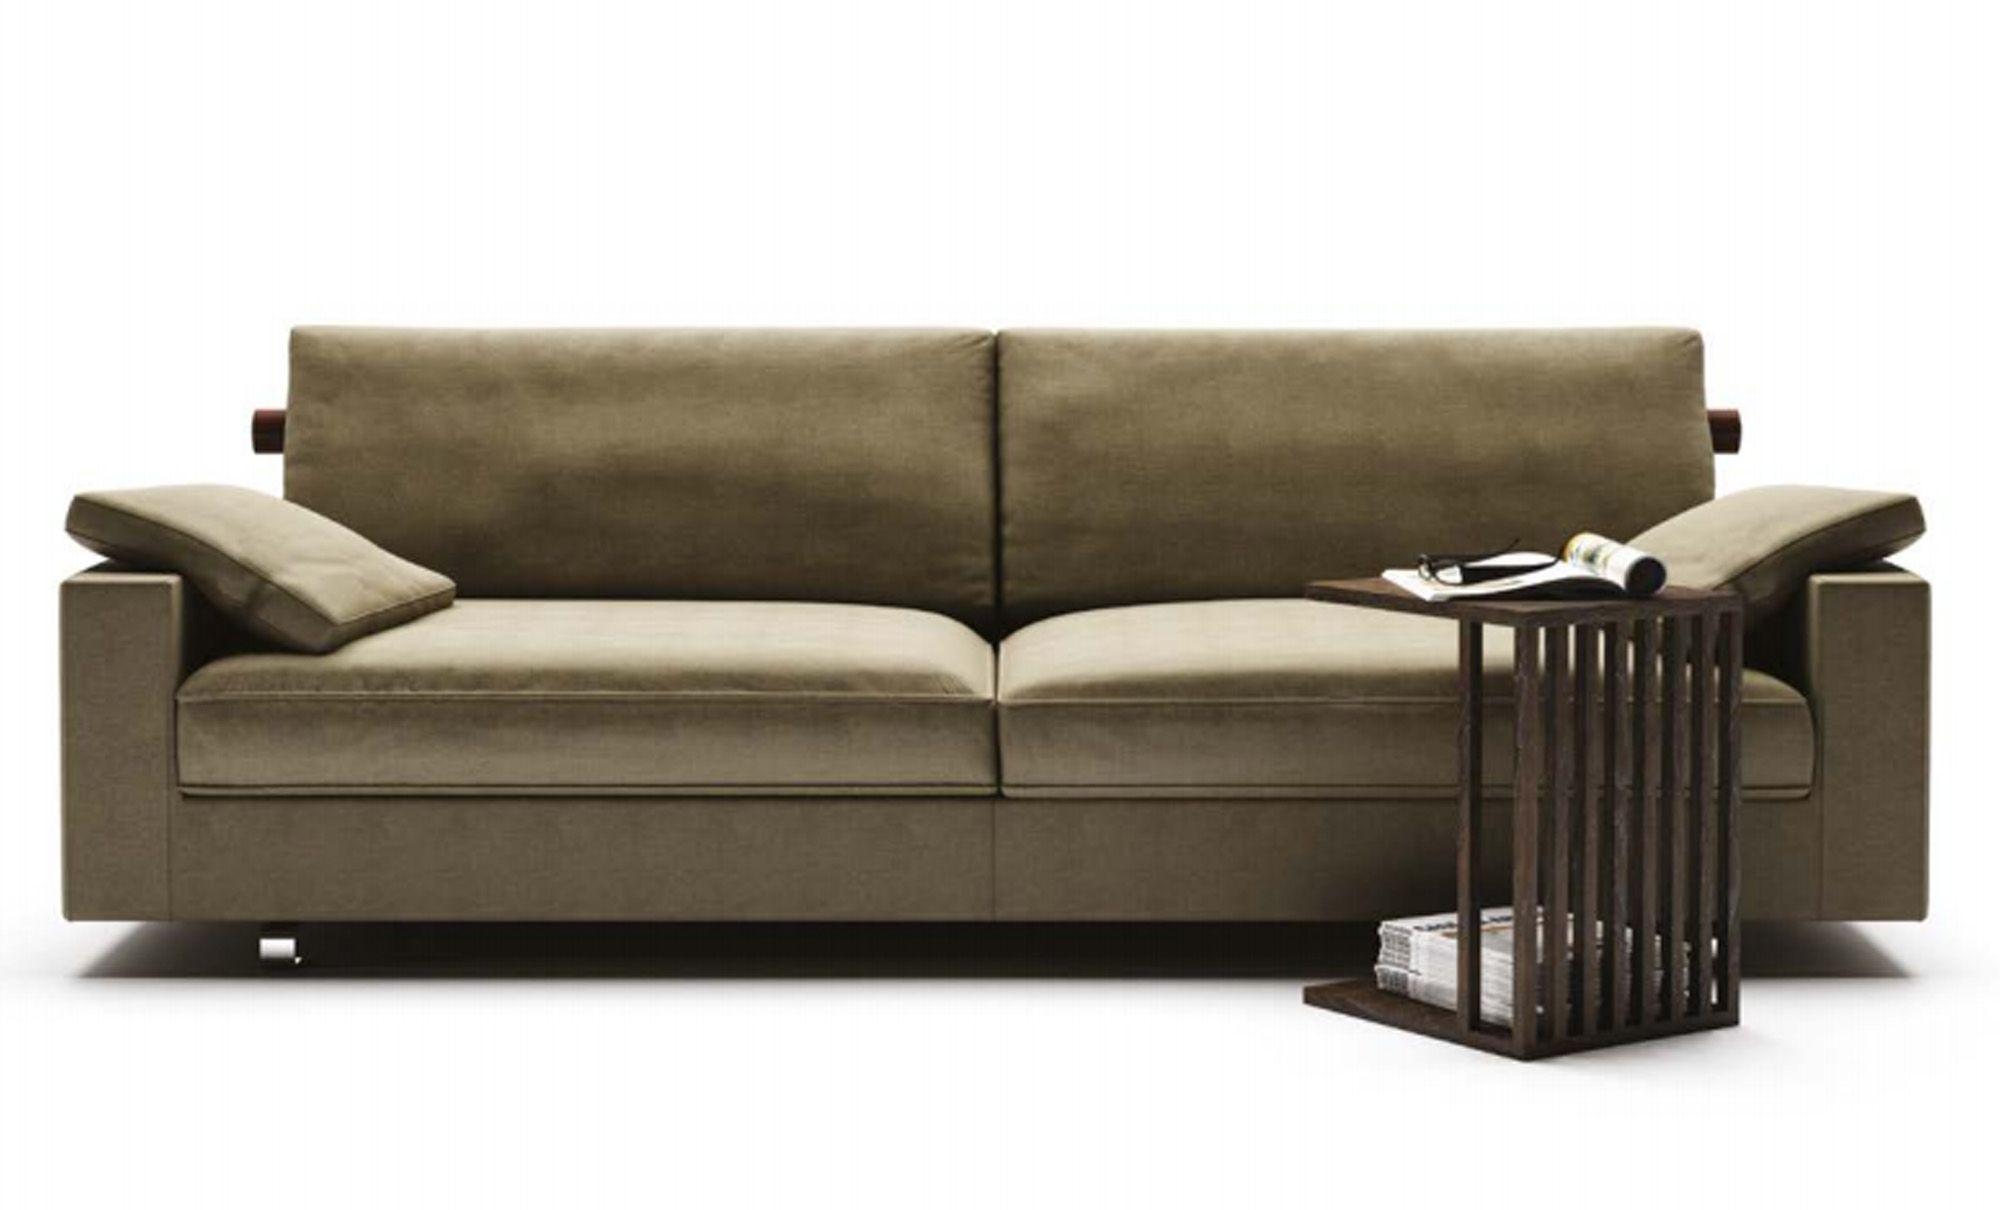 Bemerkenswert Sofa Und Sessel Foto Von Patrik With Flexform Vienna Side Table.